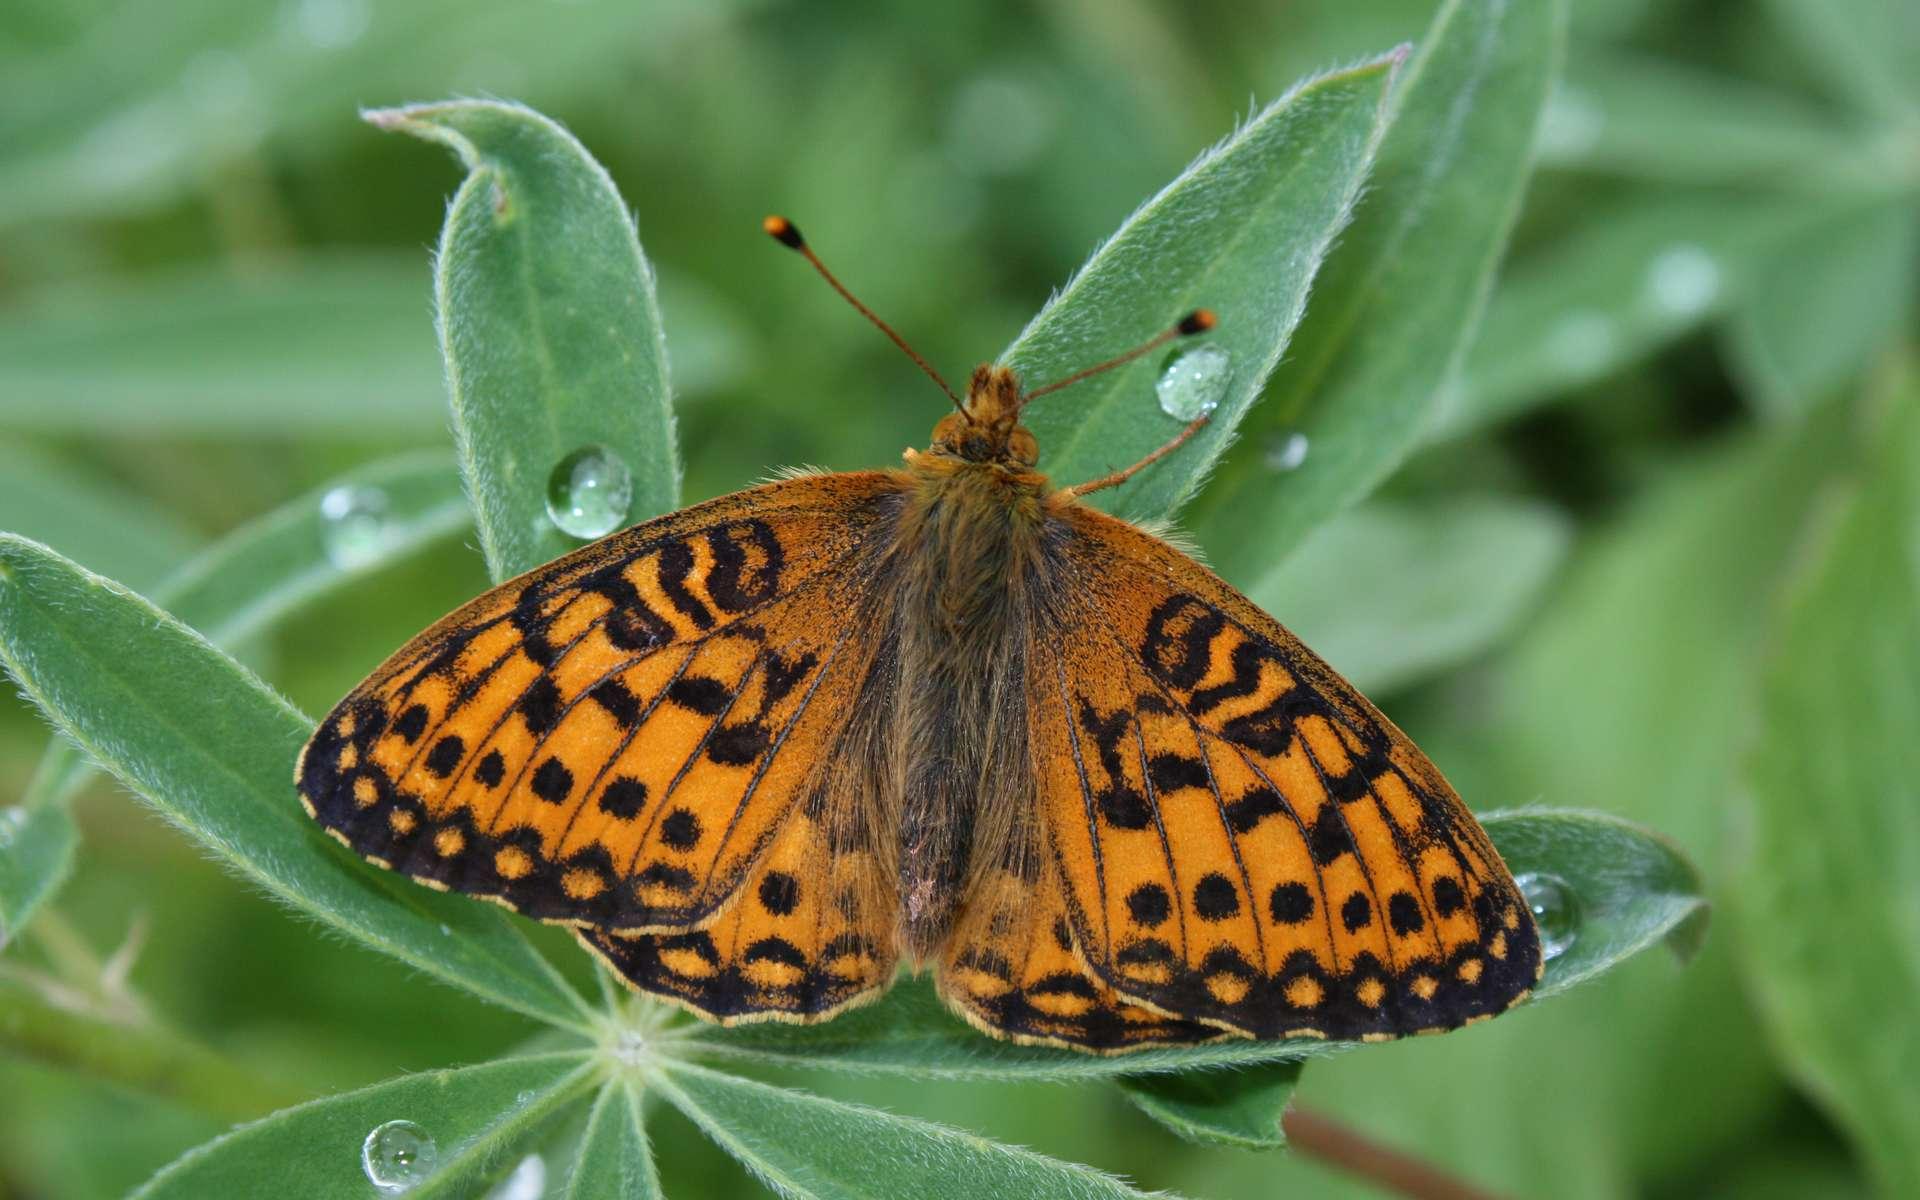 Le papillon arctique Boloria chariclea est l'une des deux espèces étudiées dont la taille réduit à cause du réchauffement climatique. © Walter Siegmund, Wikimedia Commons, CC by-sa 3.0